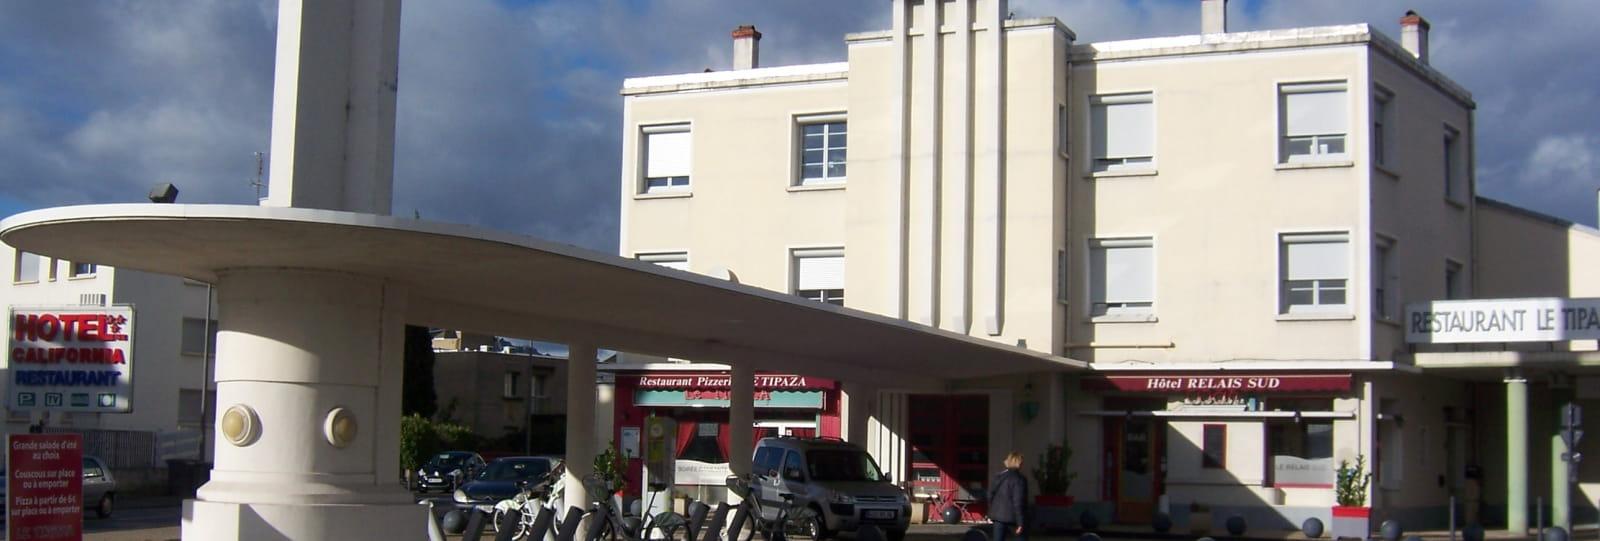 Hôtel le Relais Sud